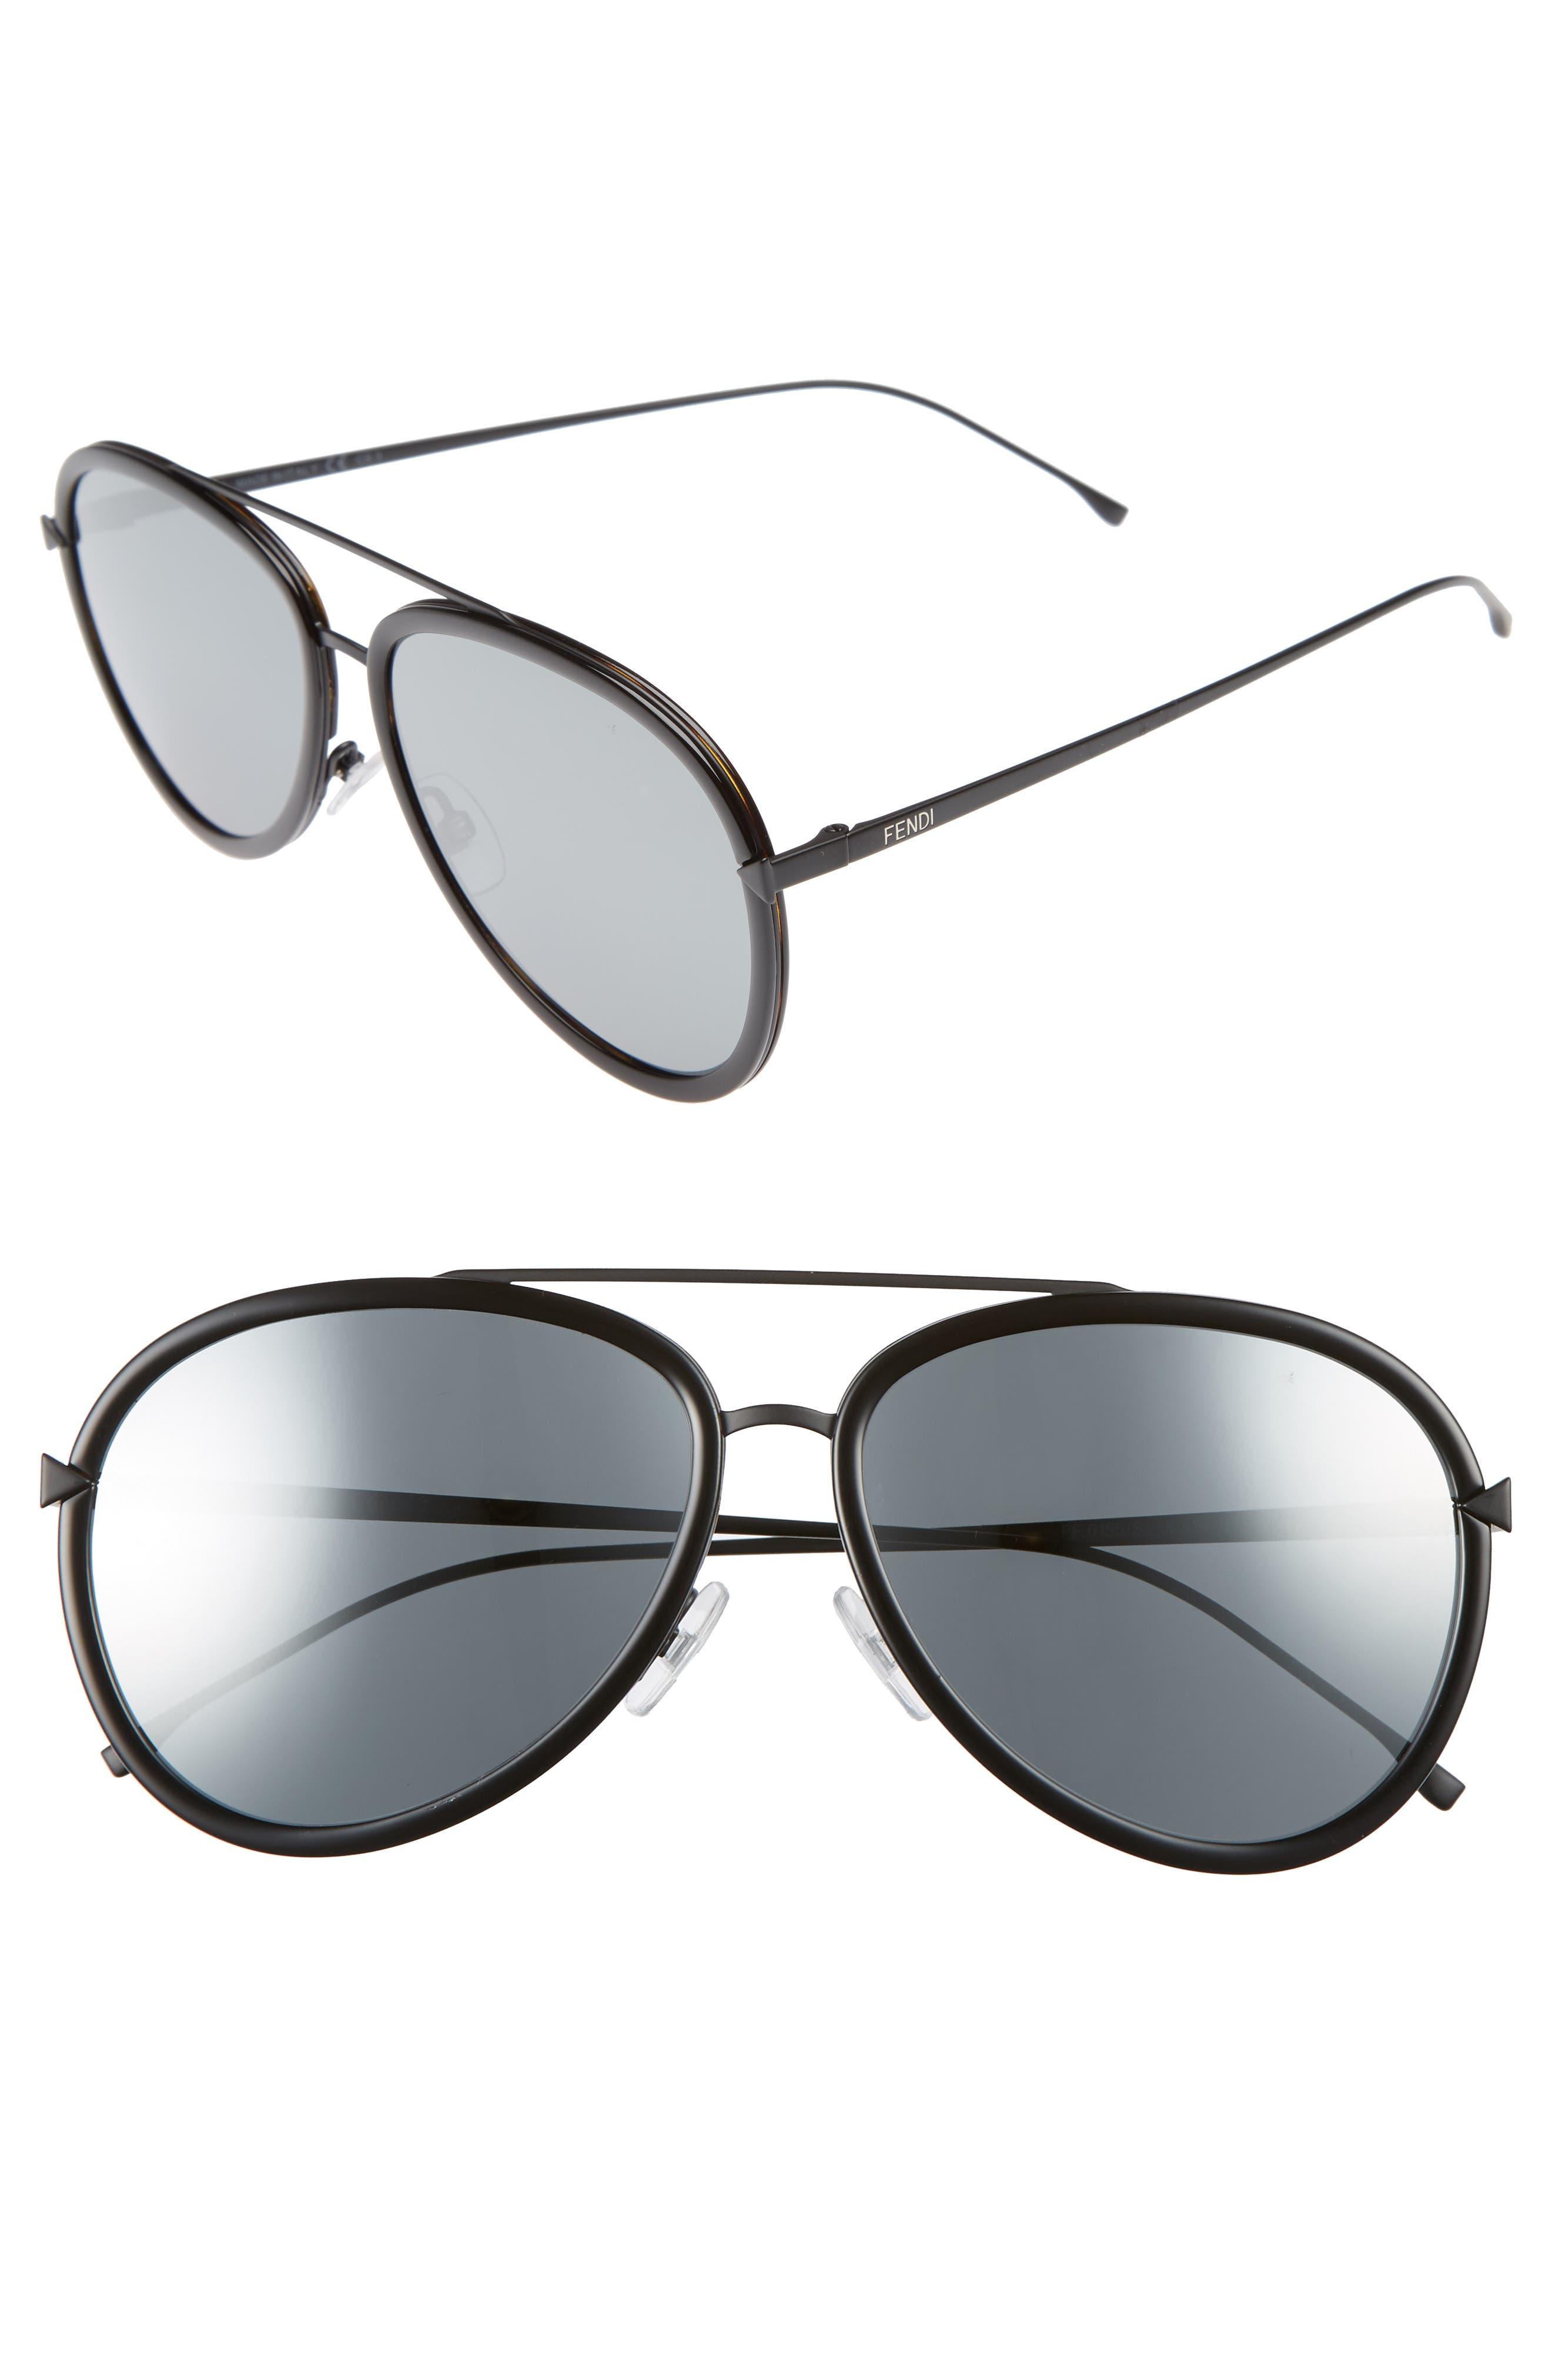 Main Image - Fendi 57mm Mirrored Lens Aviator Sunglasses